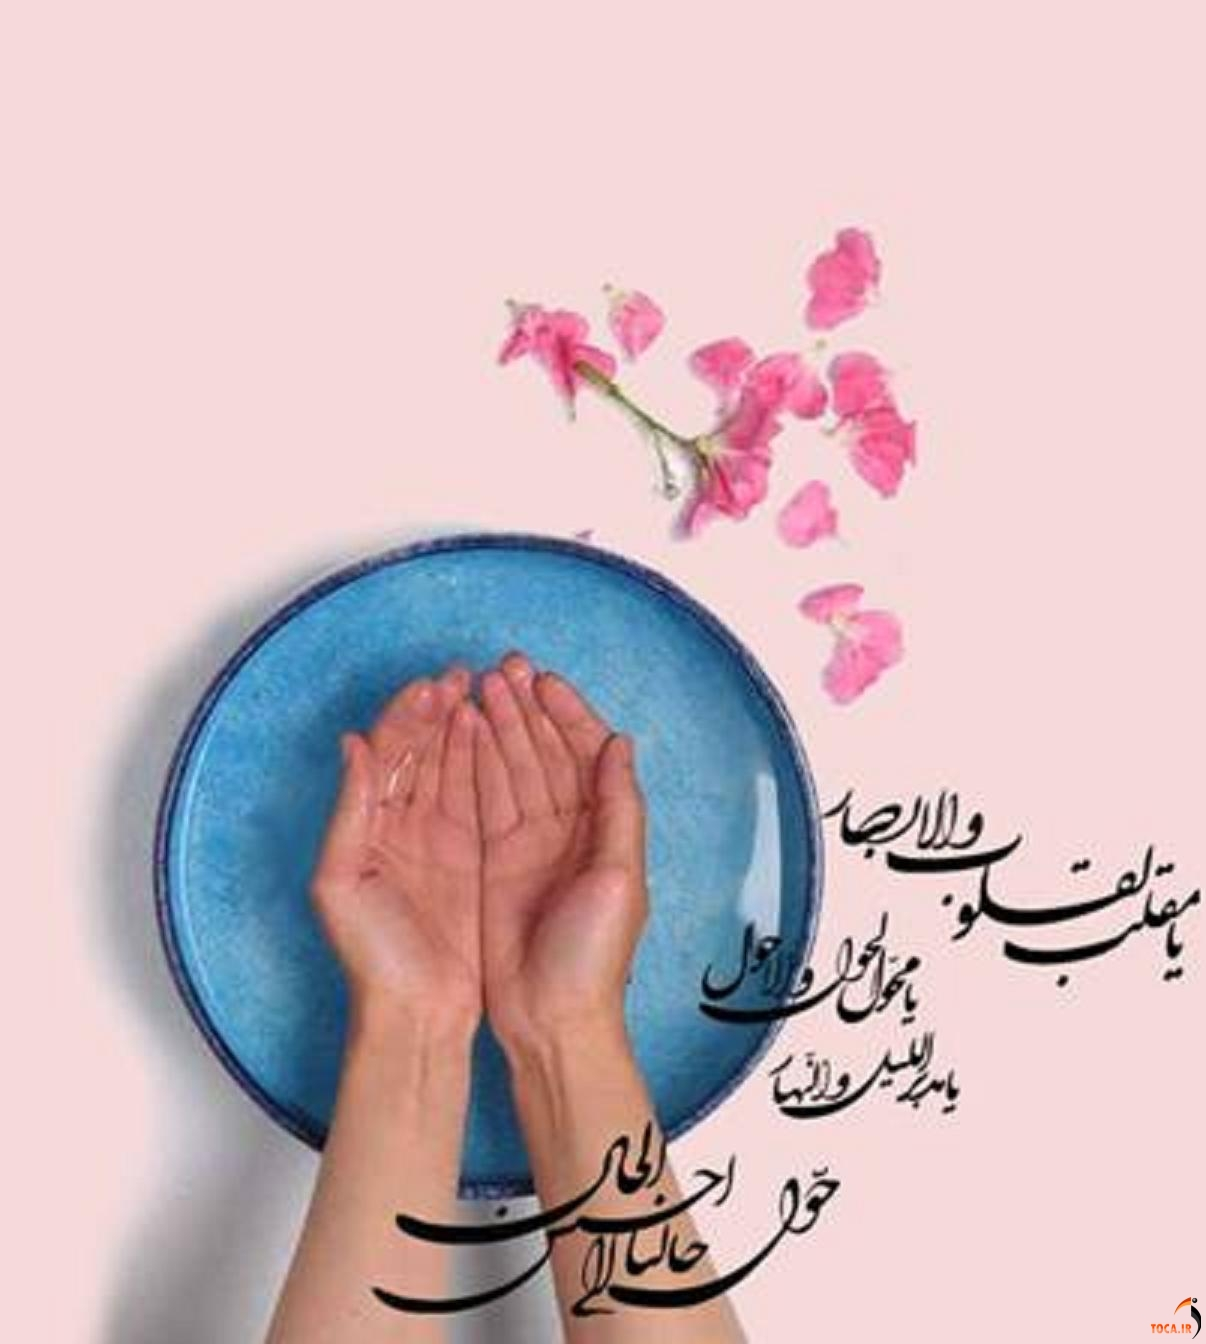 نماز، نوروز دل